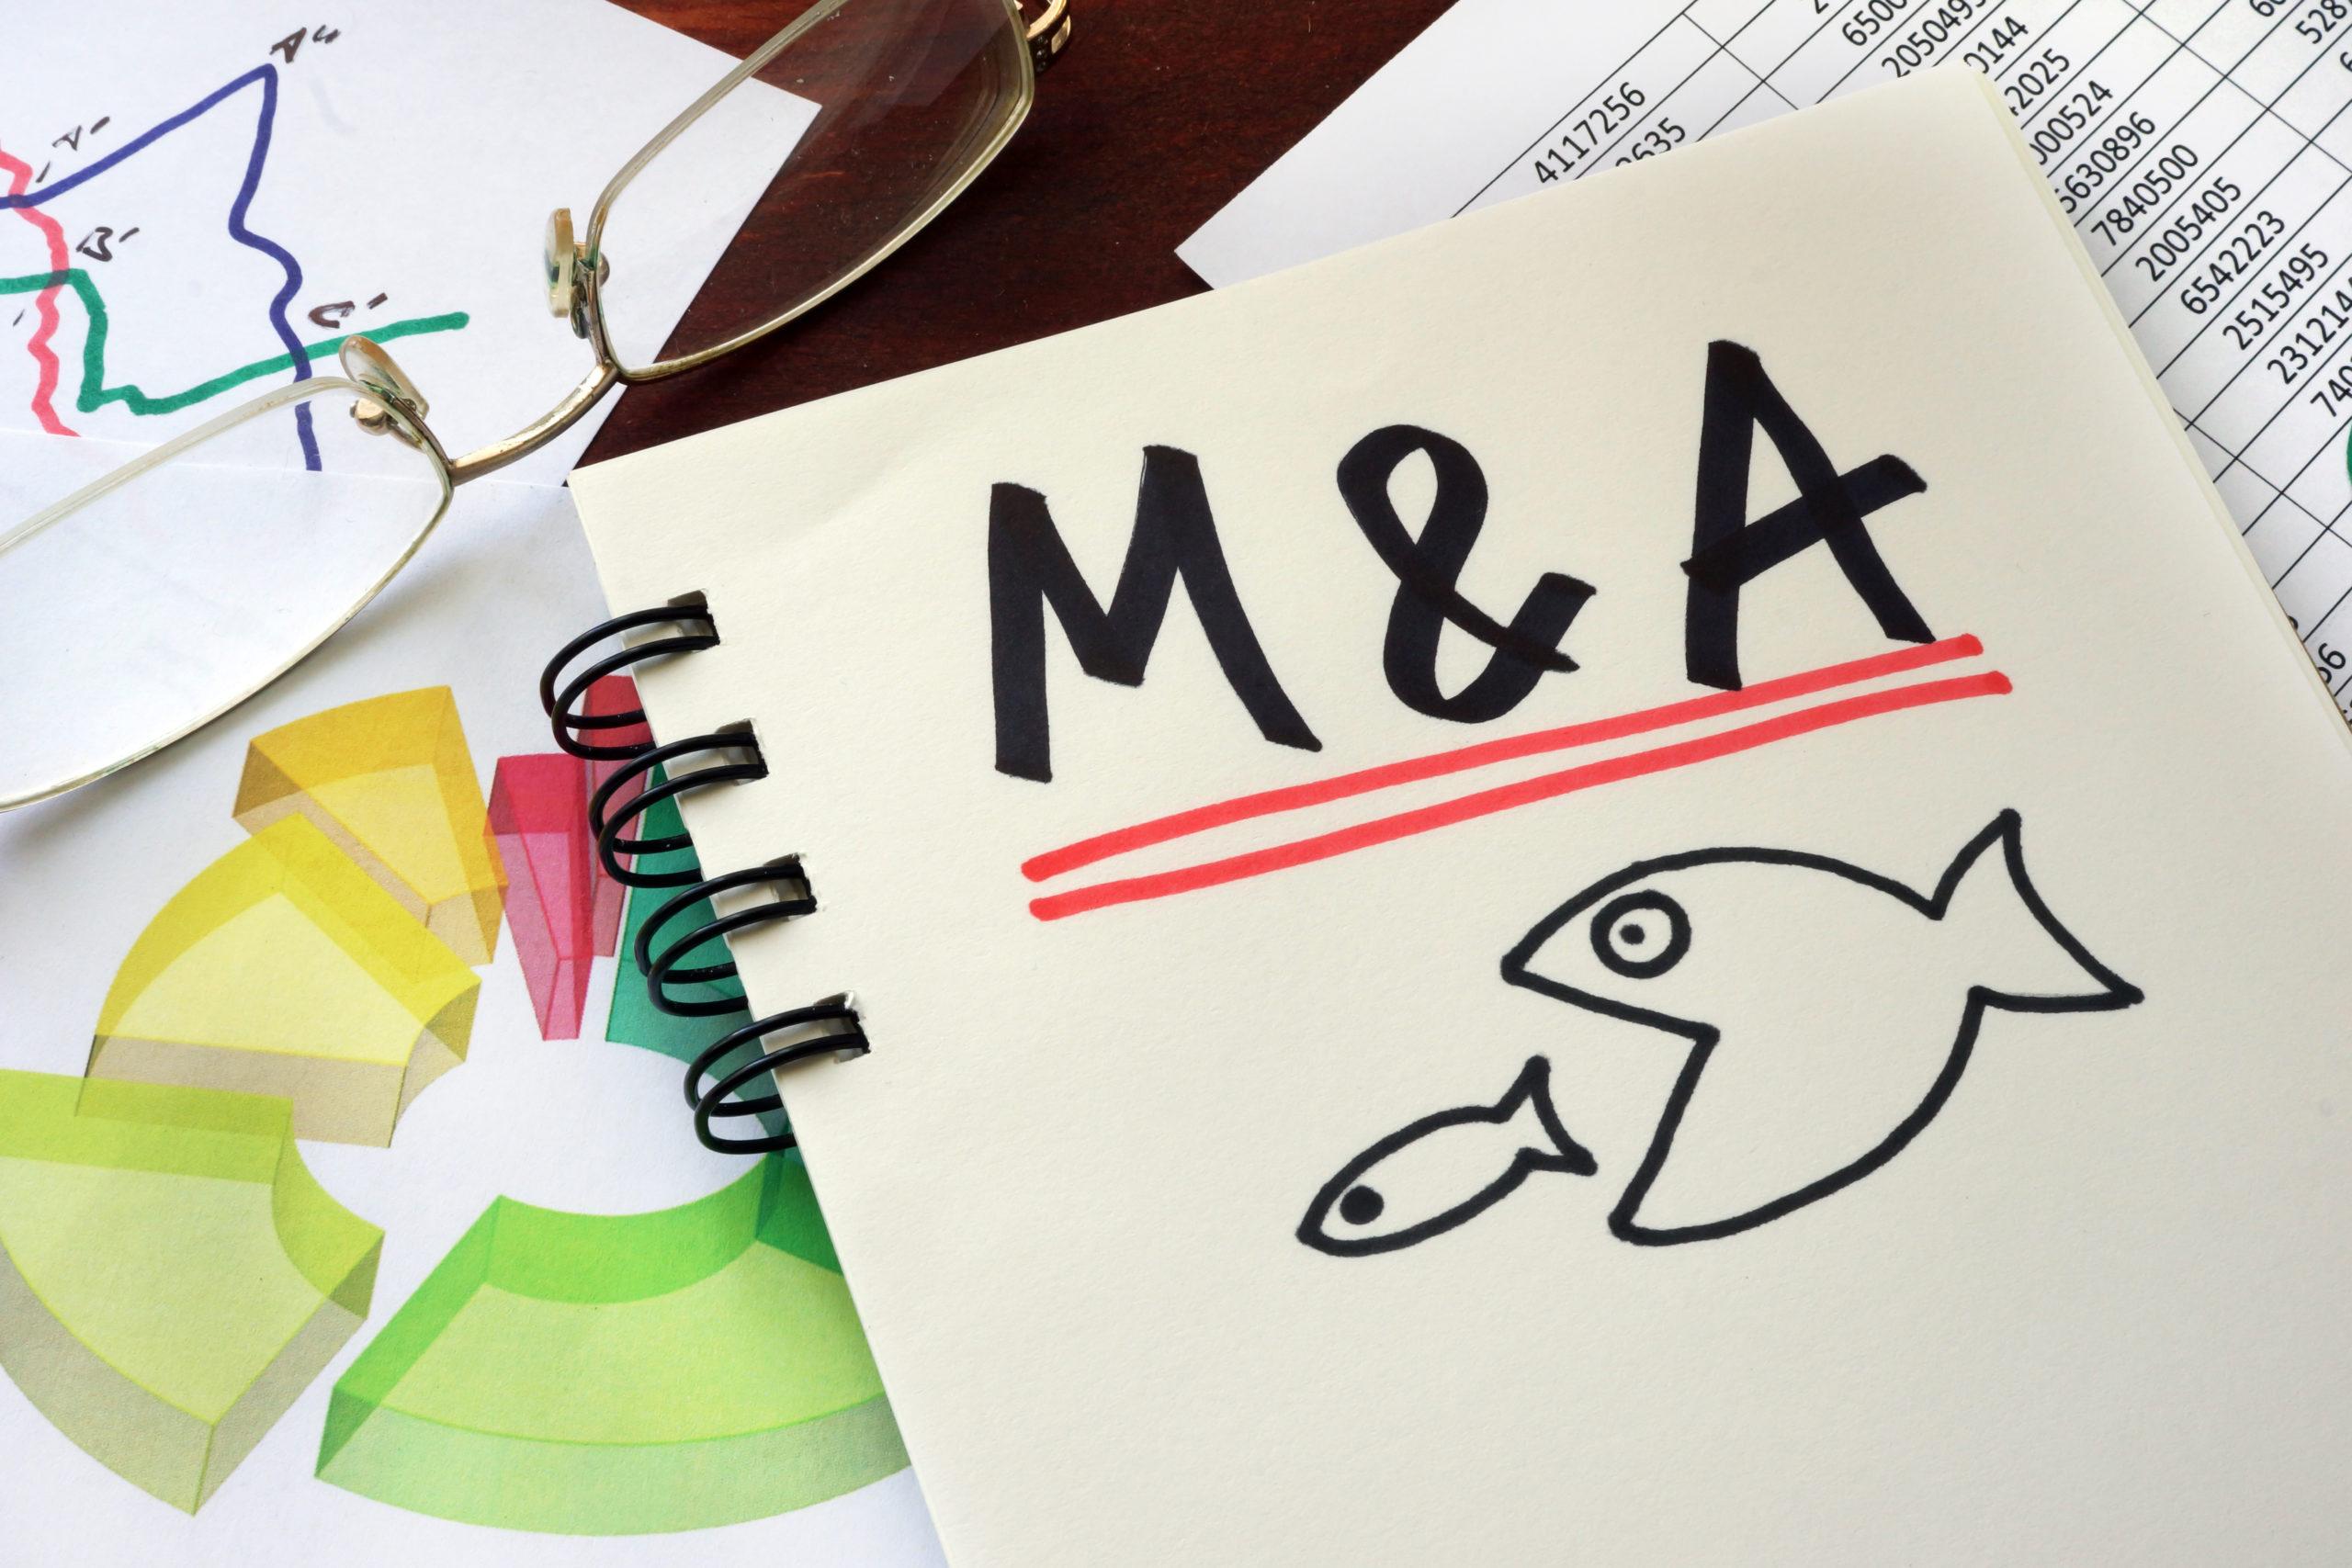 Problemas jurídicos abalam fusões e aquisições